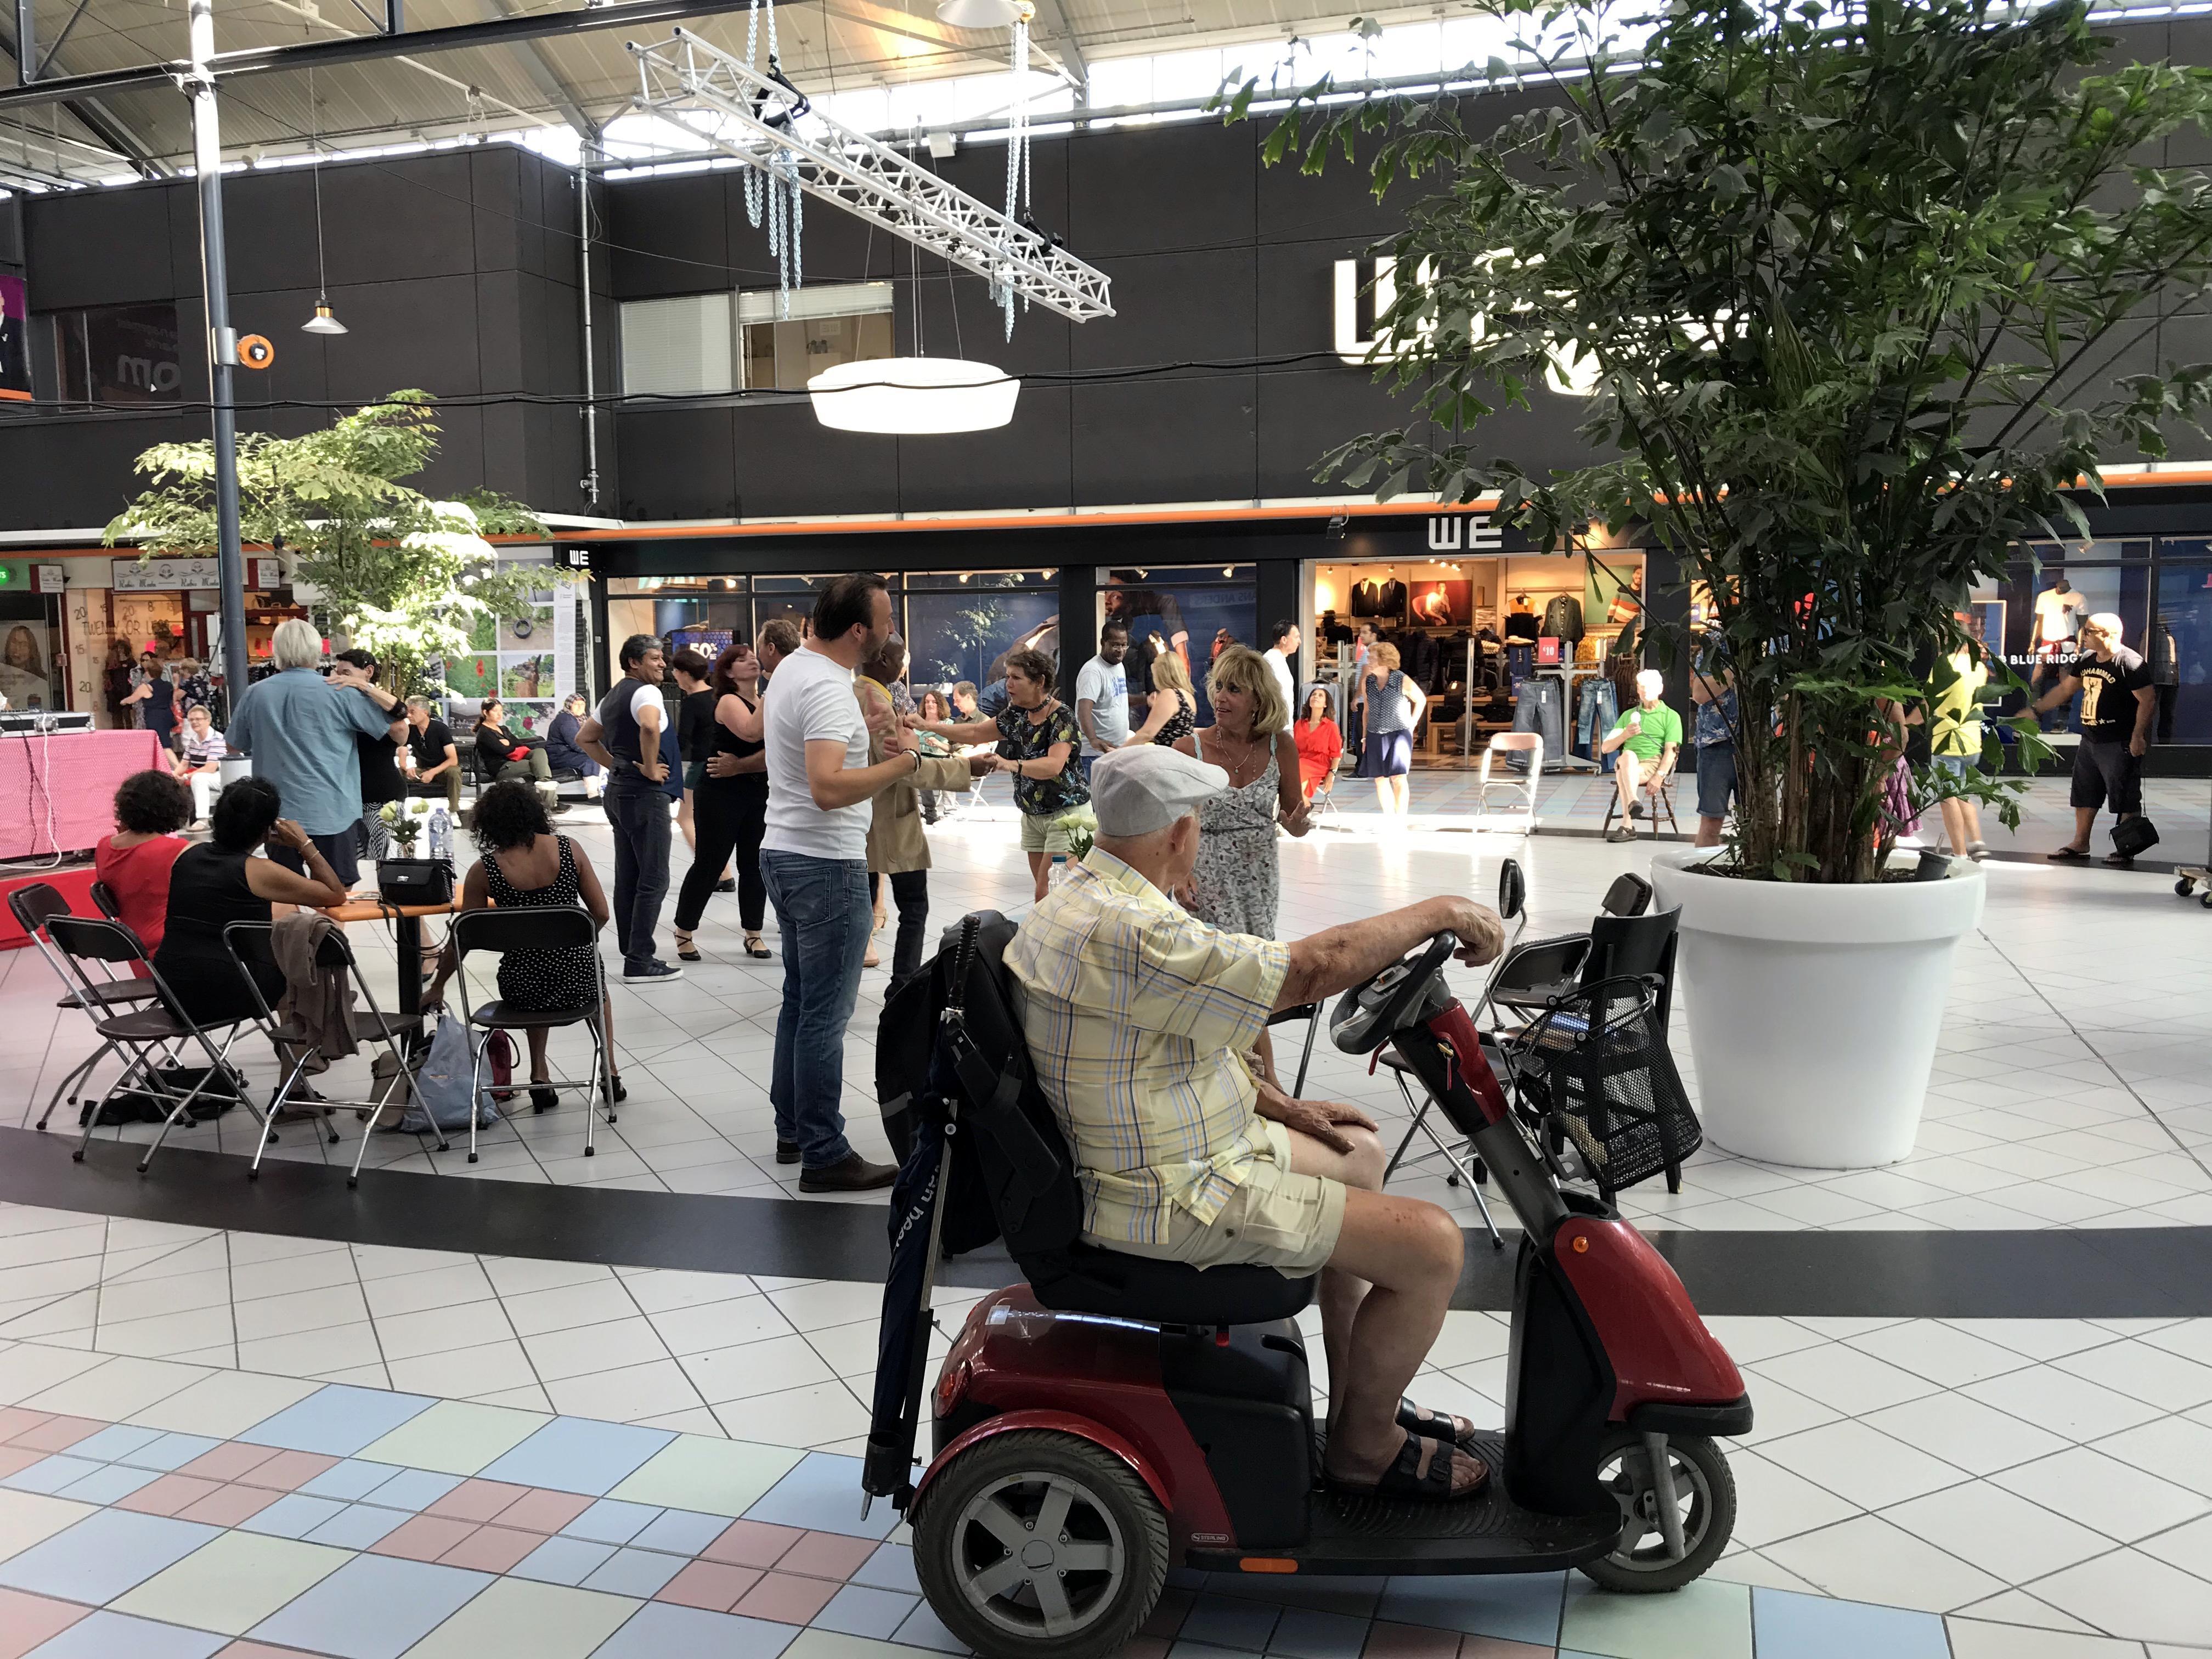 Ode aan winkelcentrum Haarlem-Schalkwijk in boek vol treurtrips, ook Zandvoort is 'spuugmooi'